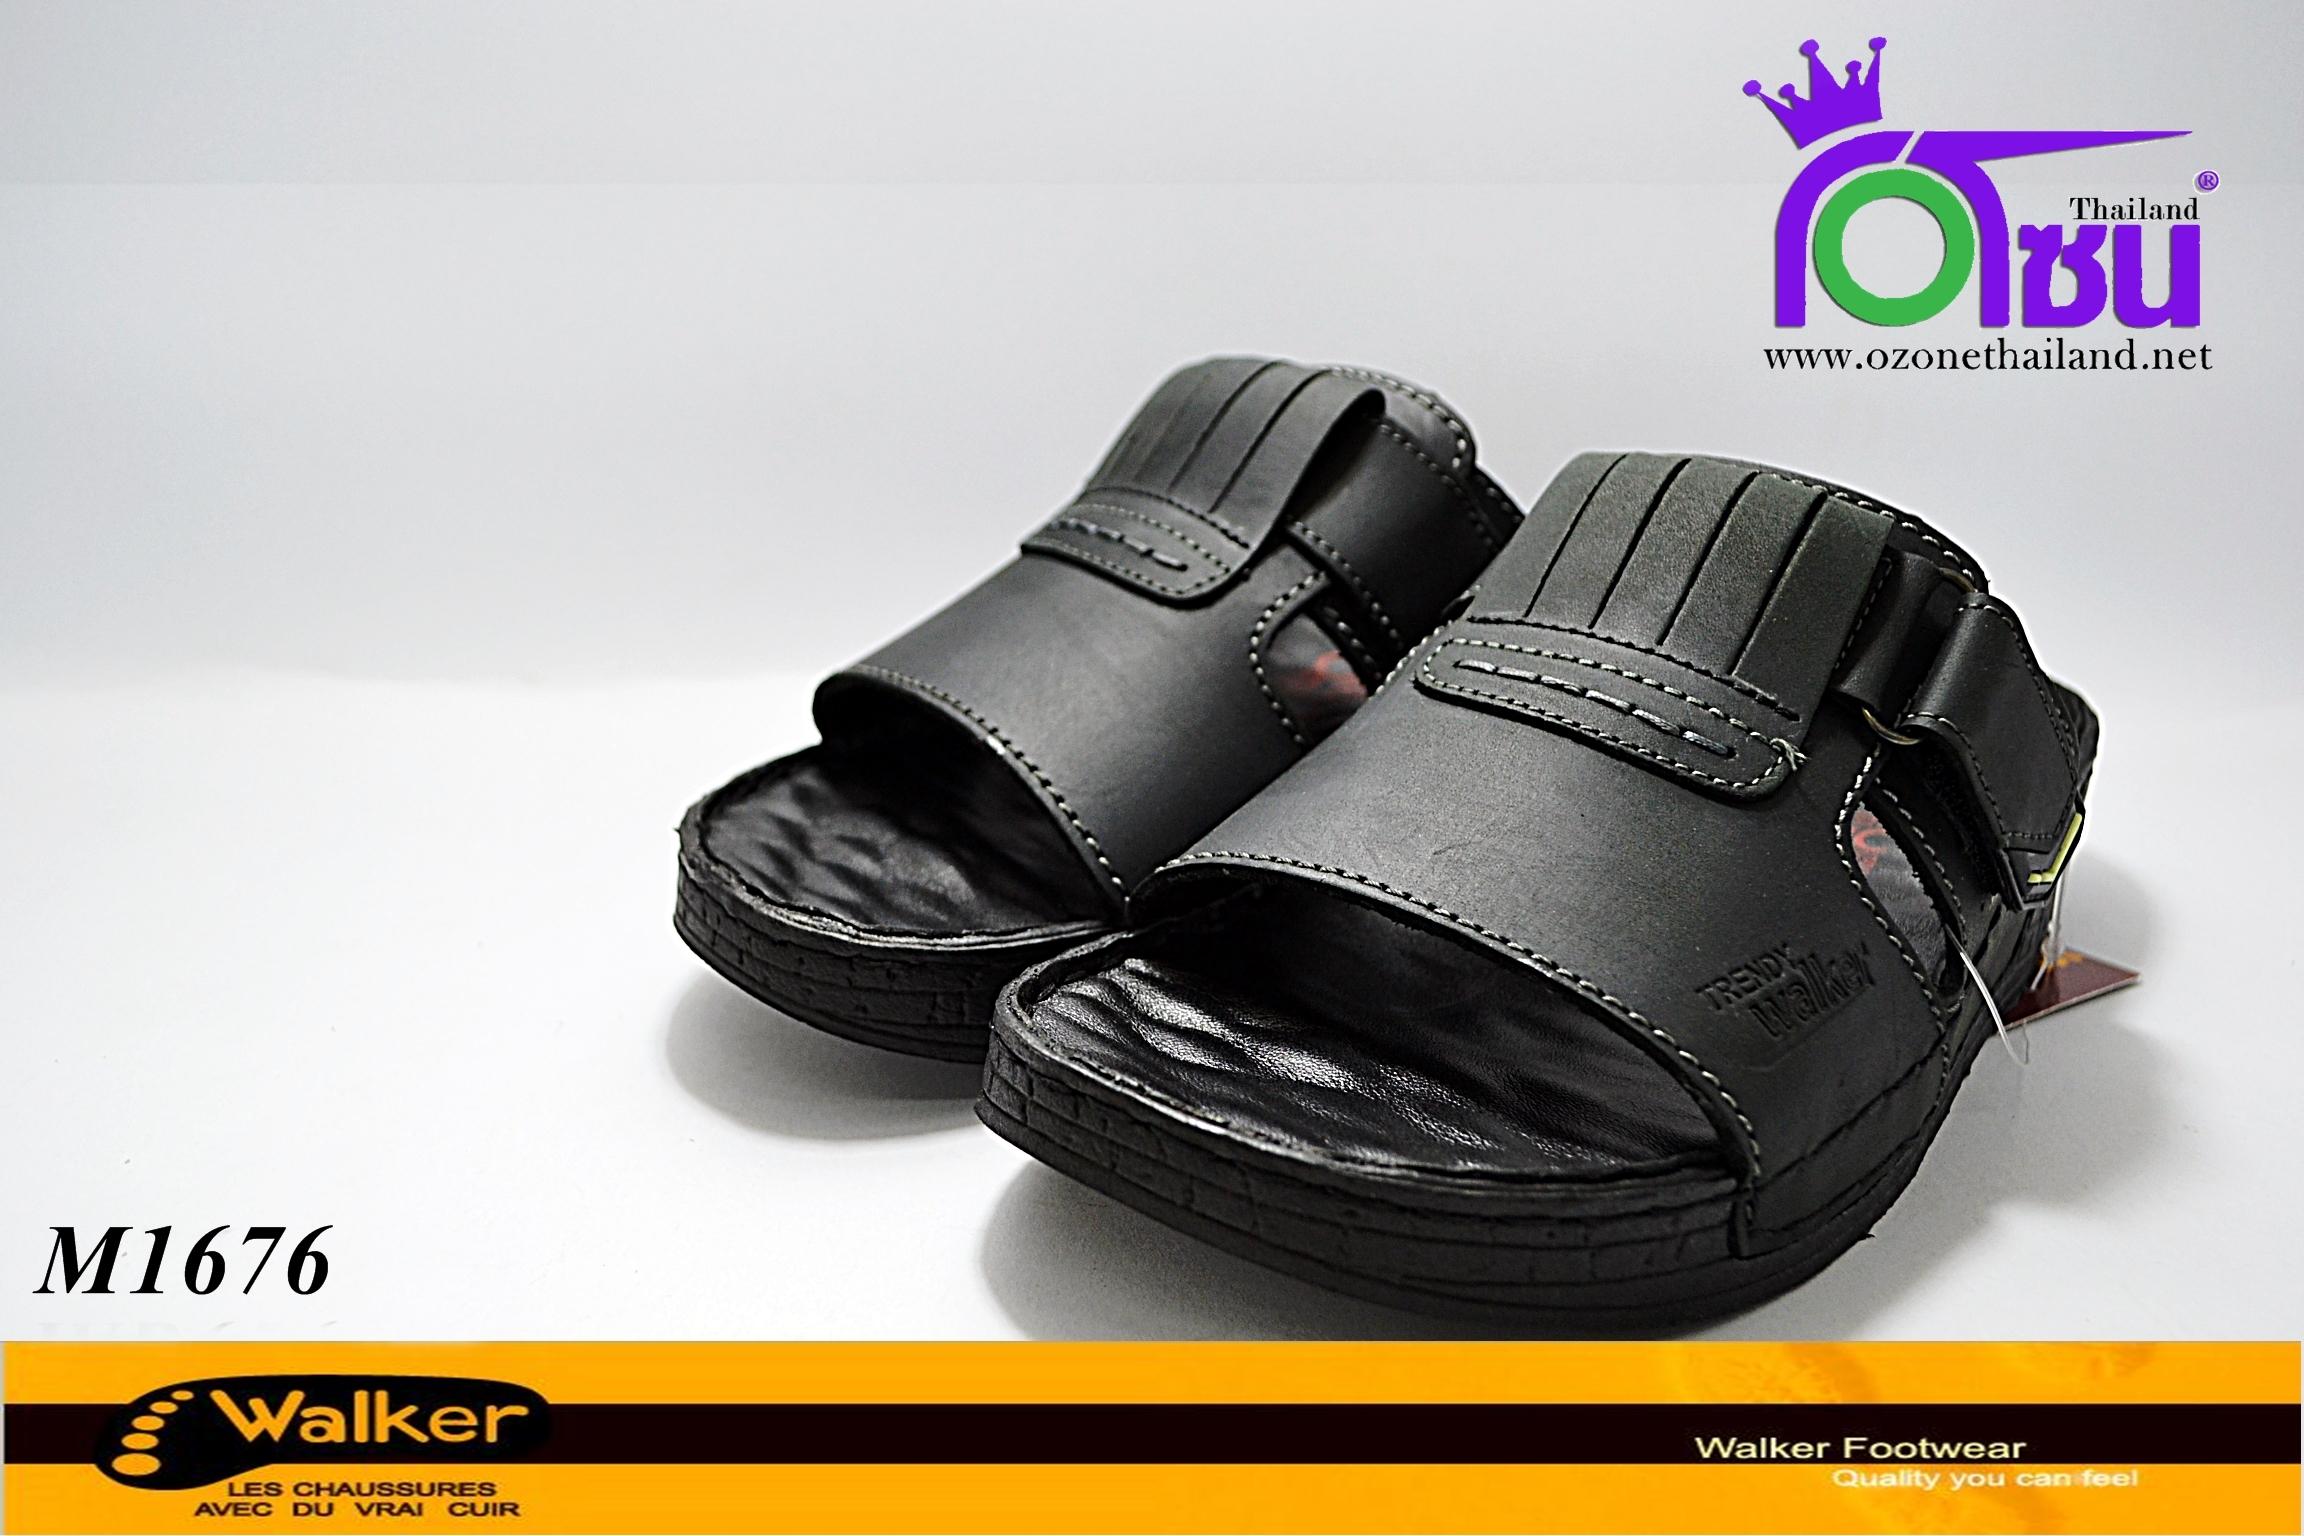 รองเท้า Walker วอร์เกอร์ชาย รุ่น W1676 สีดำ เบอร์ 40-45